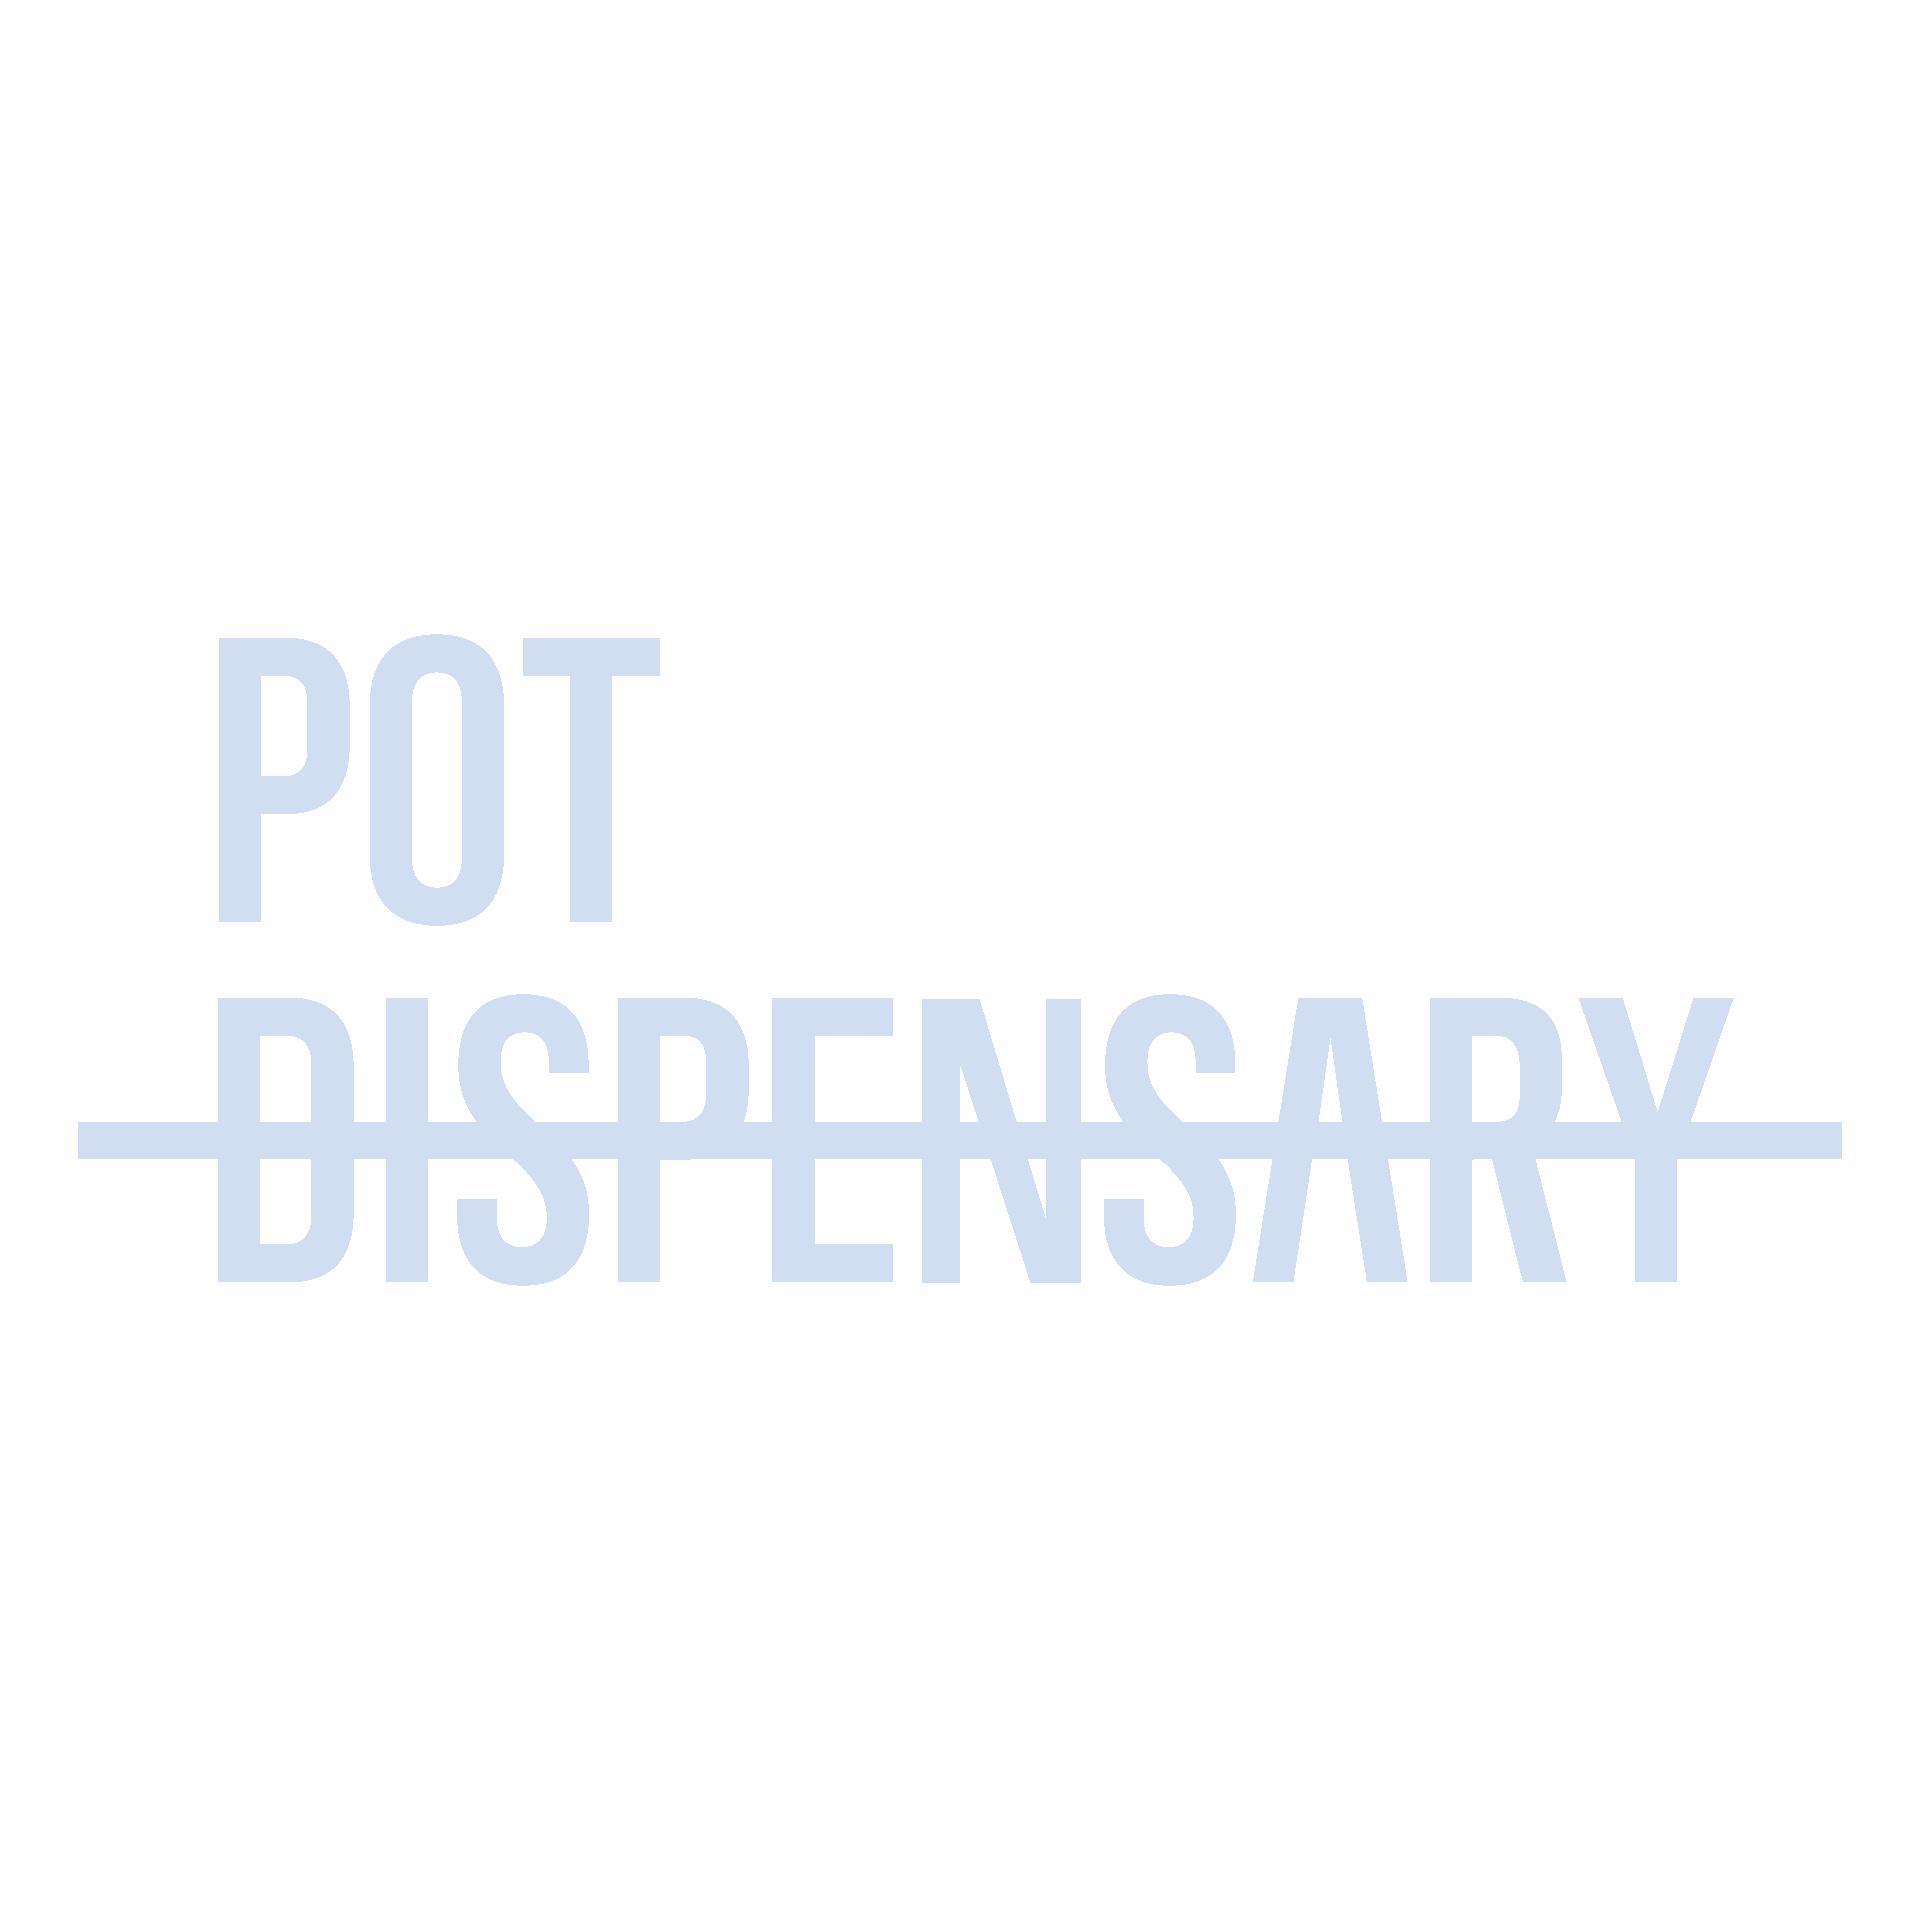 Pot Dispensary